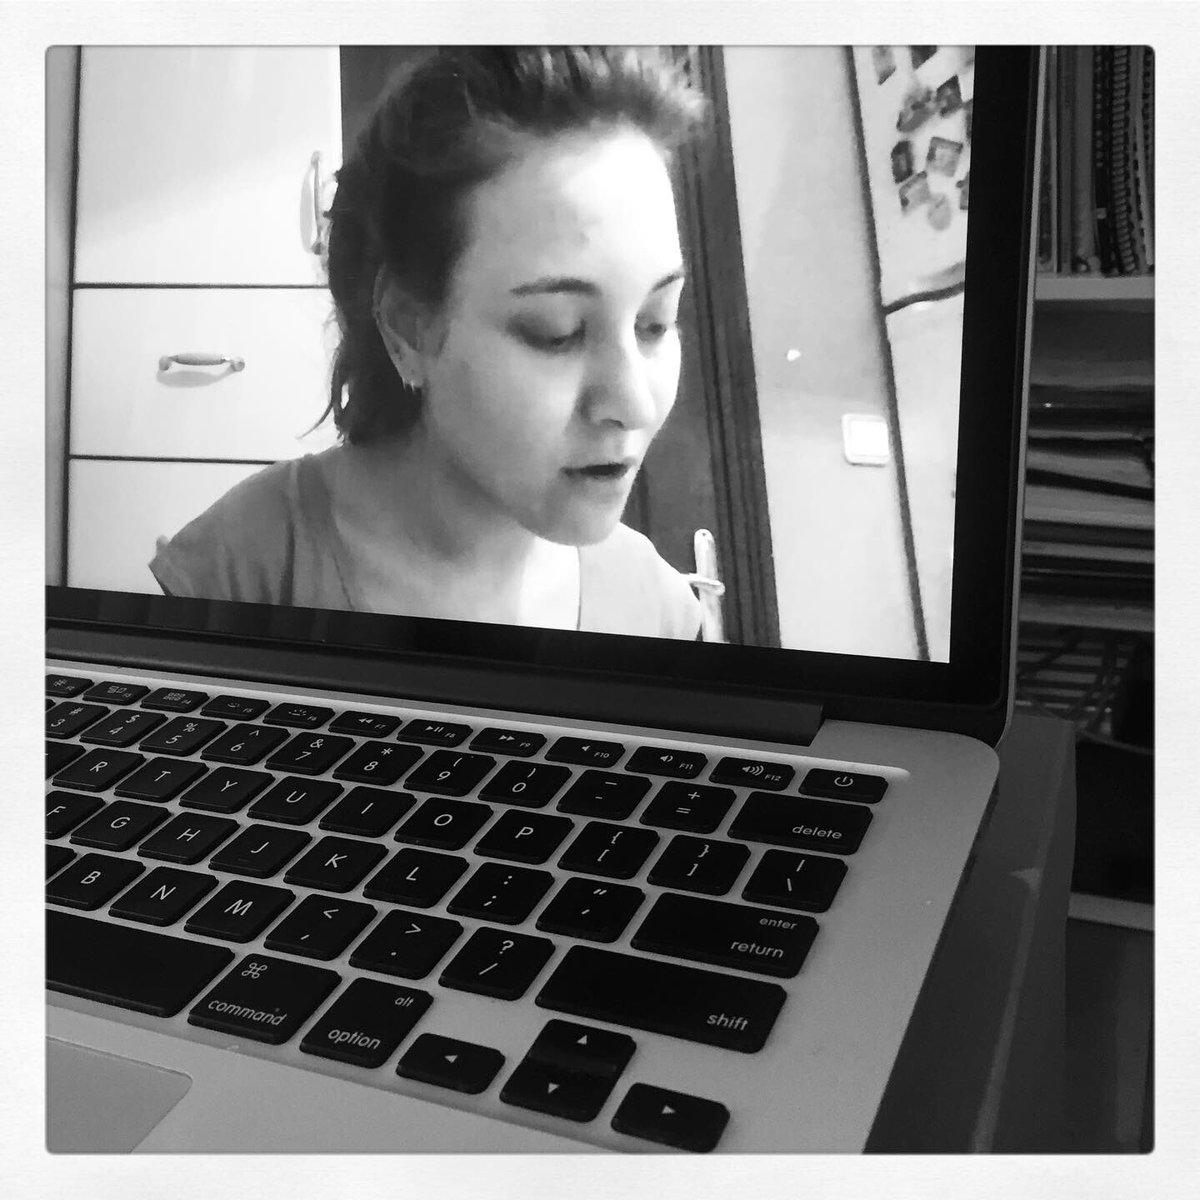 #evdekal, şarkı söylemekten vazgeçme  Vokal dersleri Skype üzerinden tam gaz devam #jazzvocal #privatelessons pic.twitter.com/dSfGQMeaLt